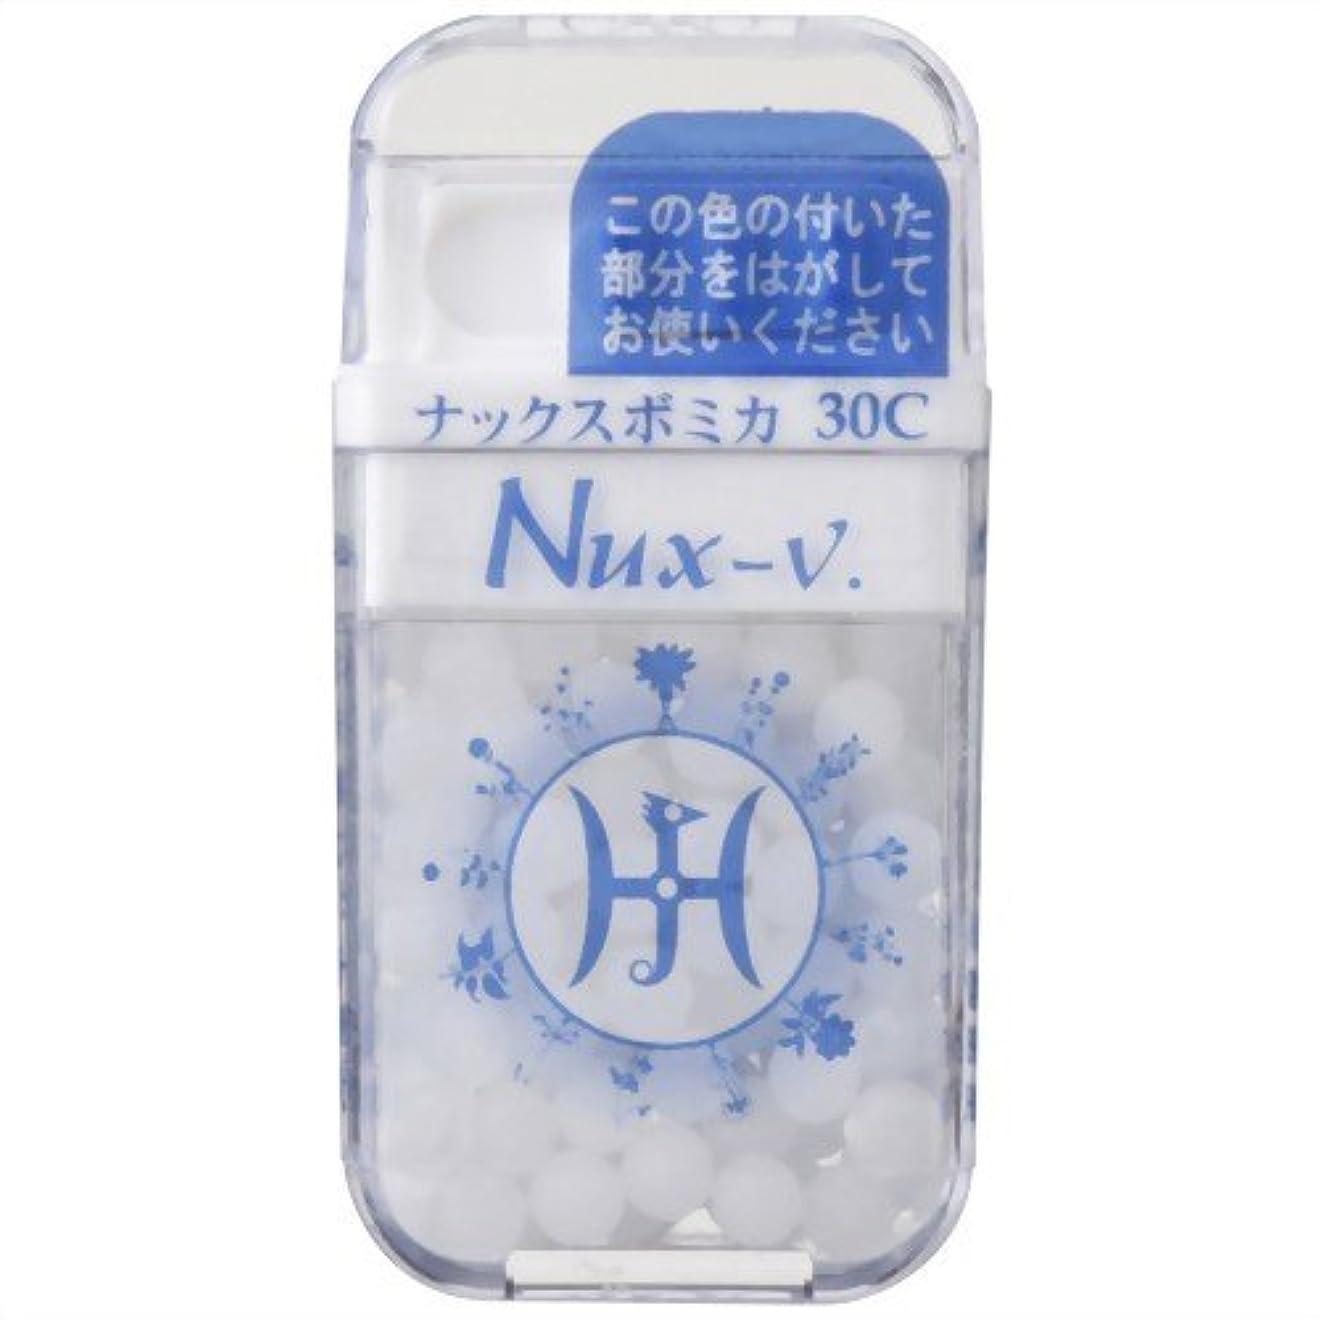 手を差し伸べるティーム不潔ホメオパシージャパンレメディー Nux-v.  ナックスボミカ  30C (大ビン)